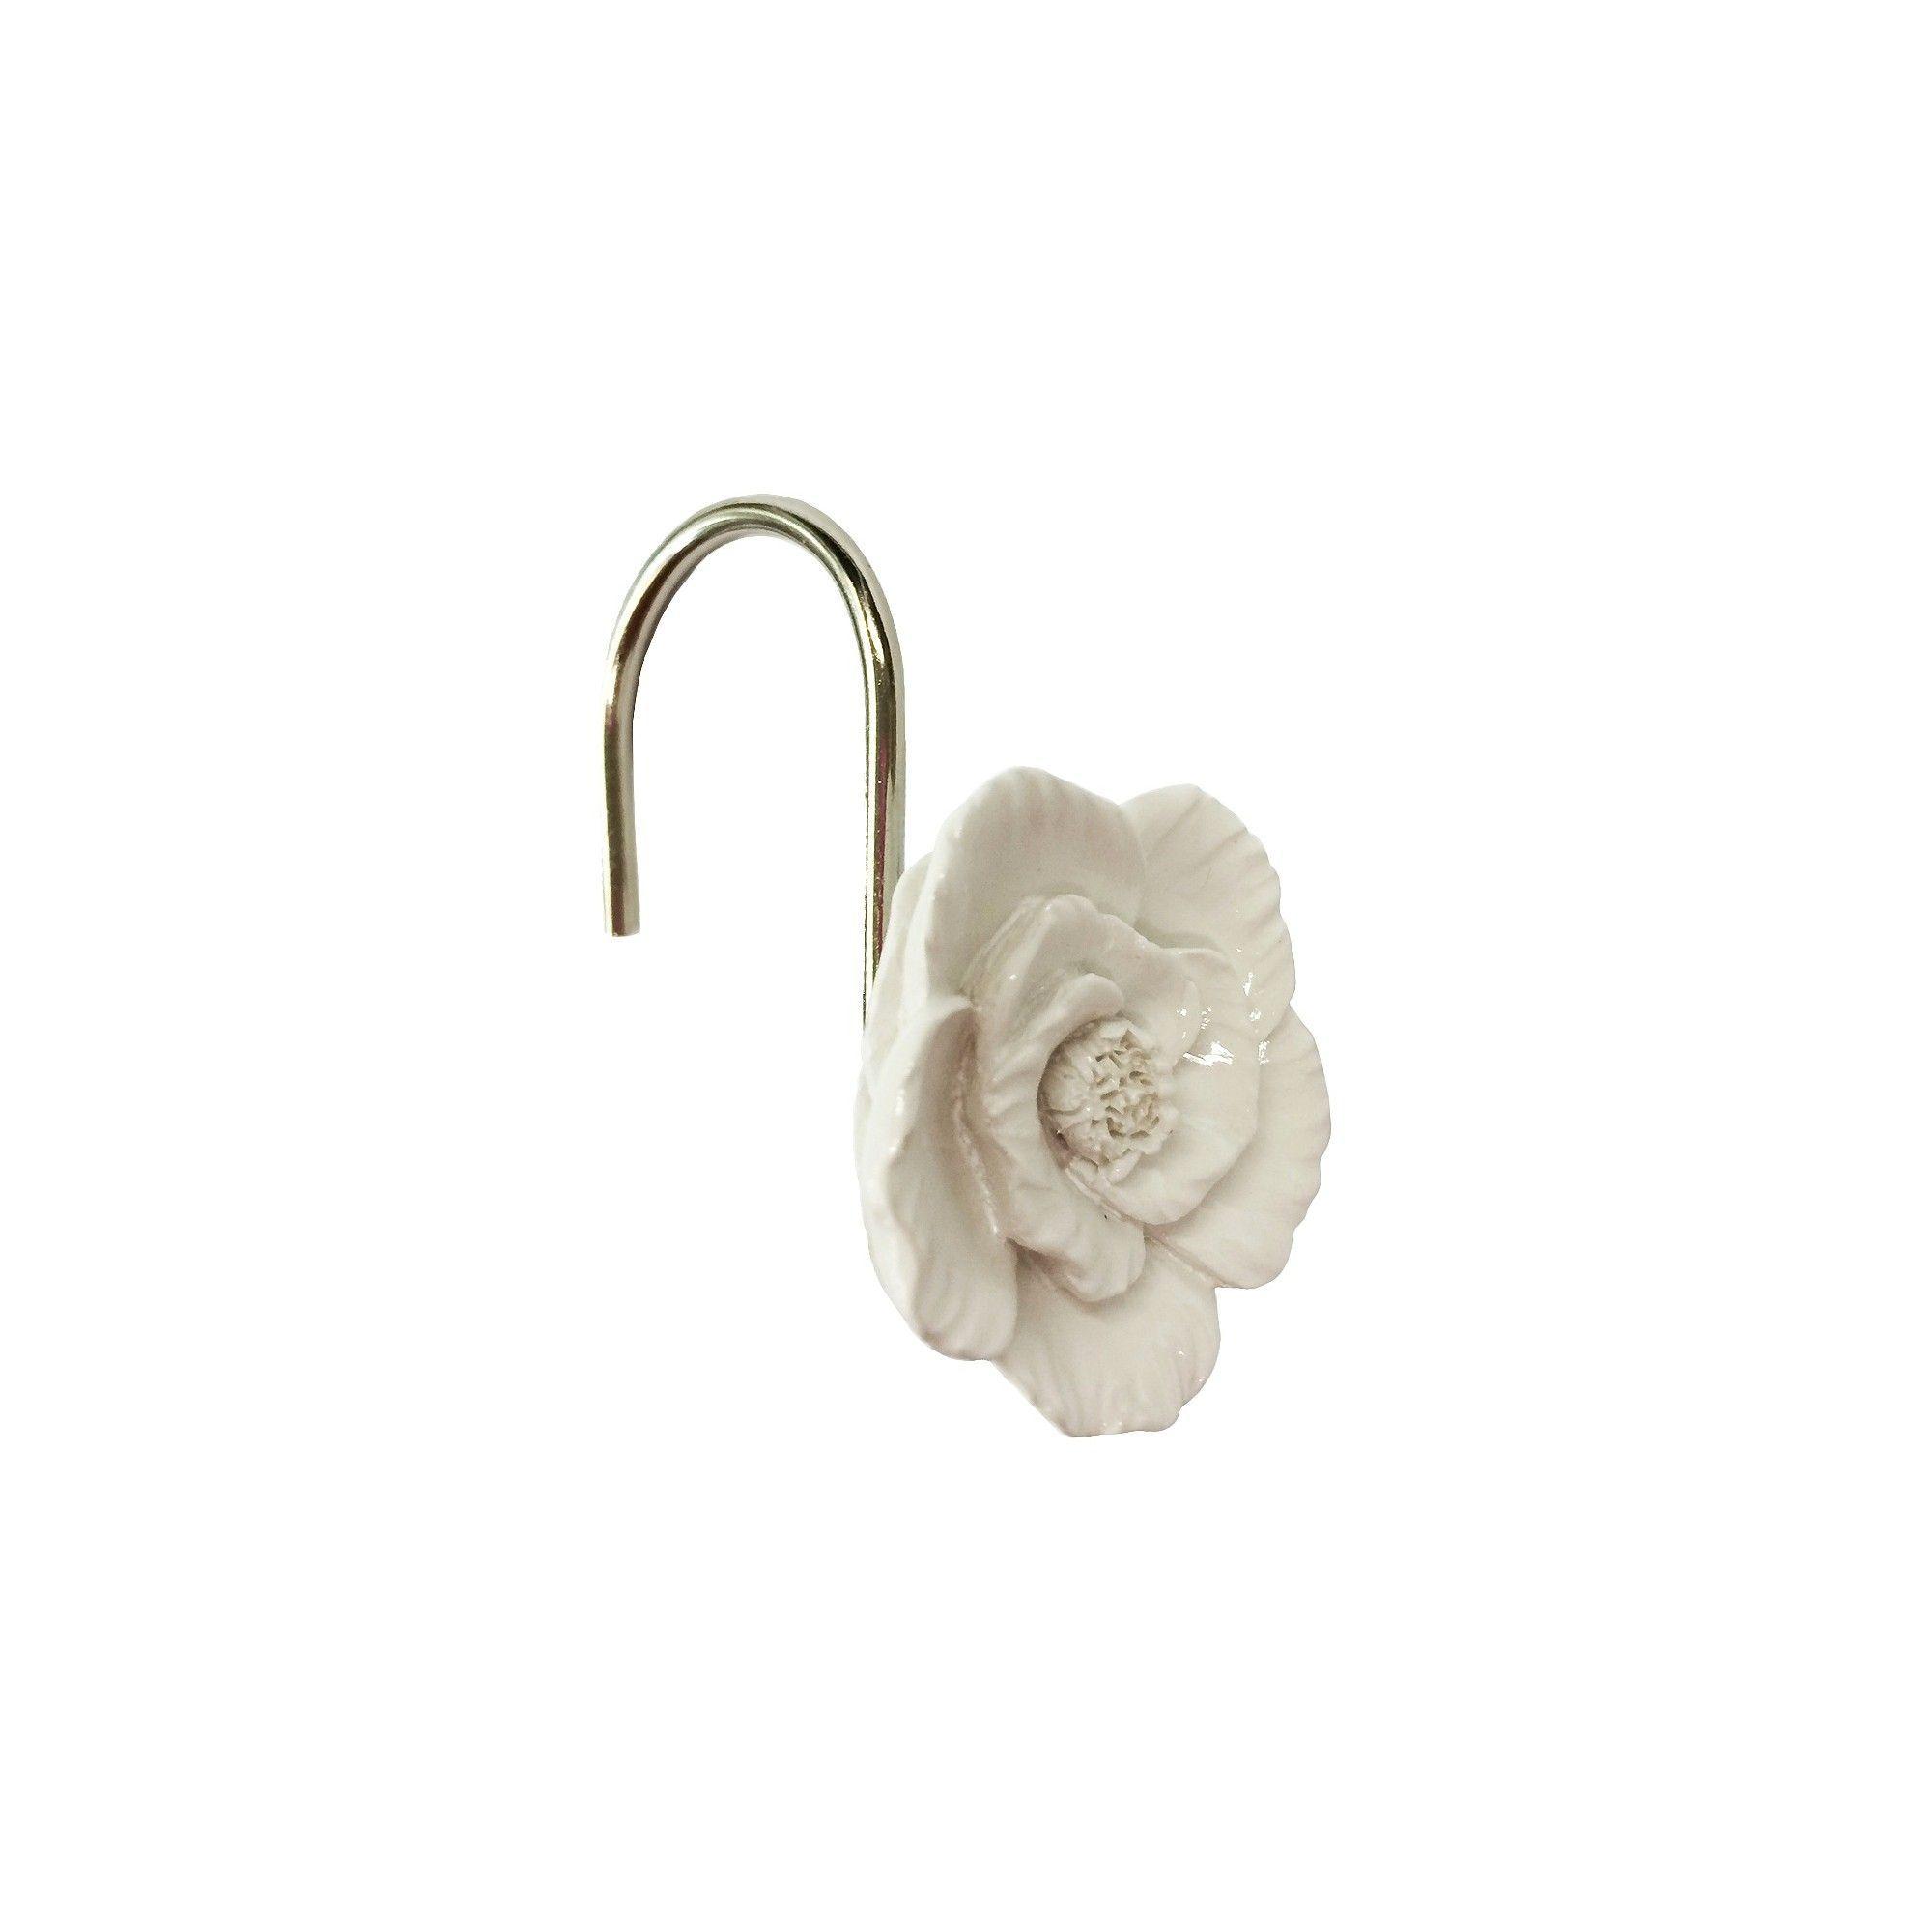 Botanical Shower Hooks White Threshold Shower Curtain Hooks